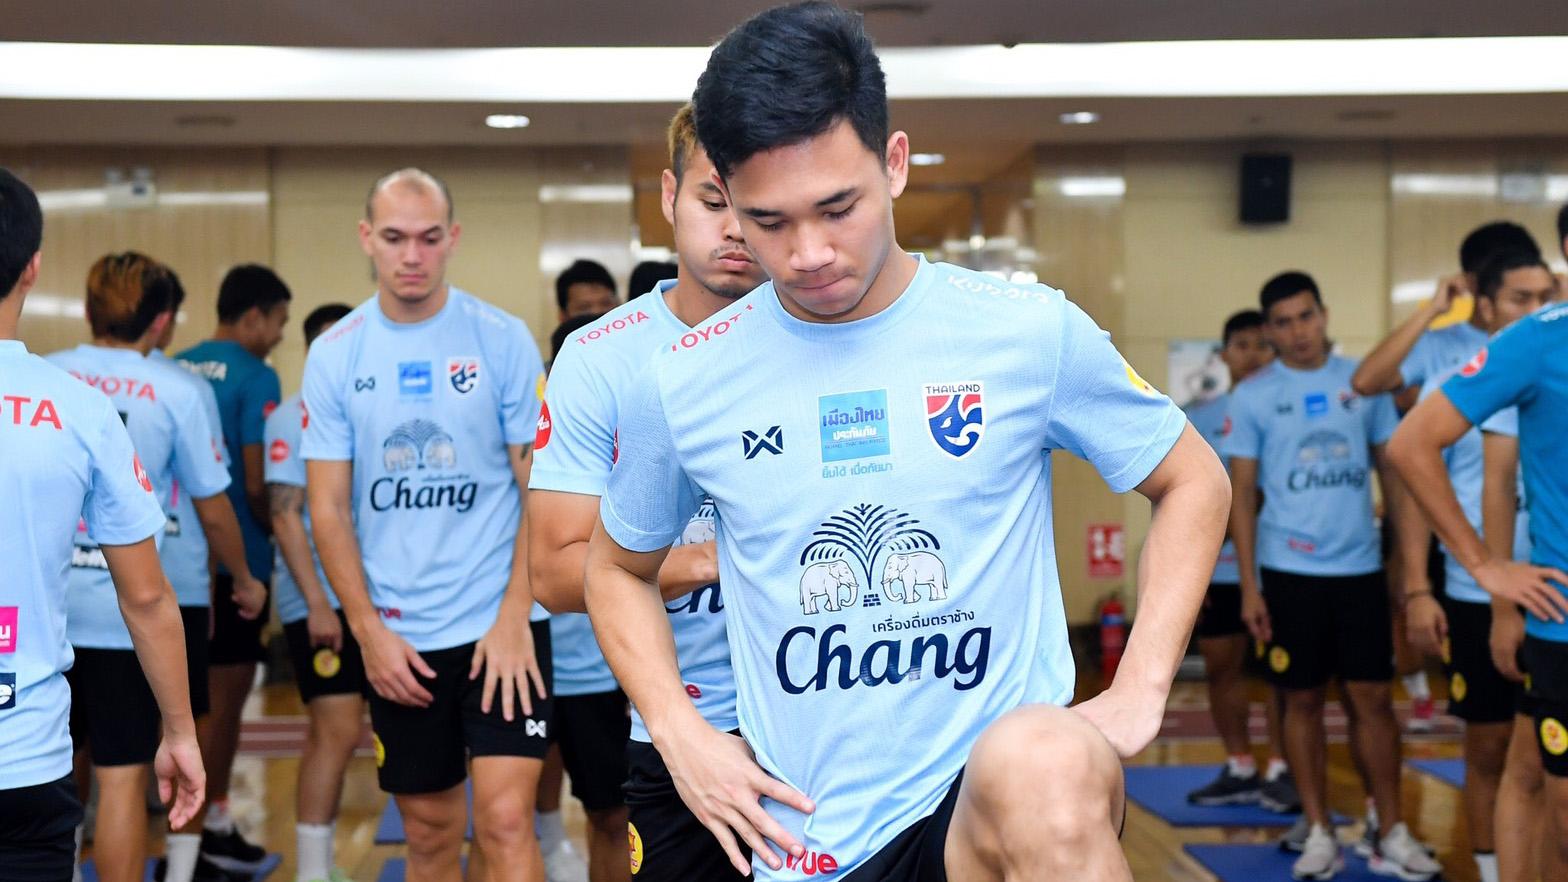 Bong da, bóng đá hôm nay, bóng đá việt nam, lịch thi đấu vòng loại World Cup 2022 bảng G, bảng xếp hạng World Cup, Việt Nam vs Thái Lan, Đình Trọng, Sea games 2019